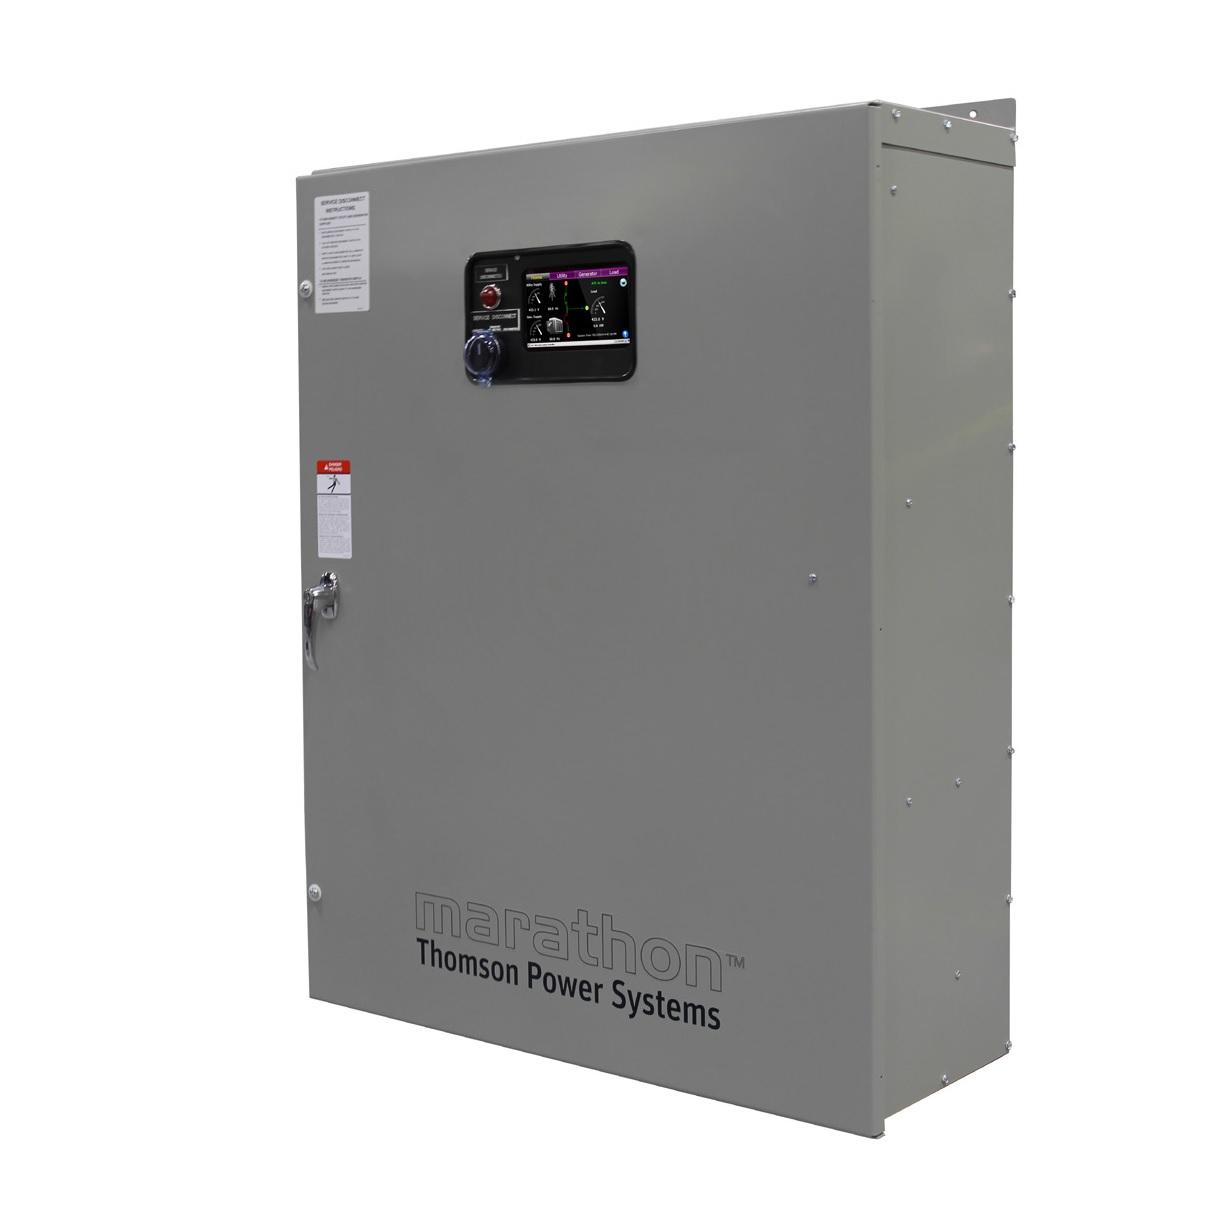 Thomson TS870SE Auto Transfer Switch (1Ph, 200A)